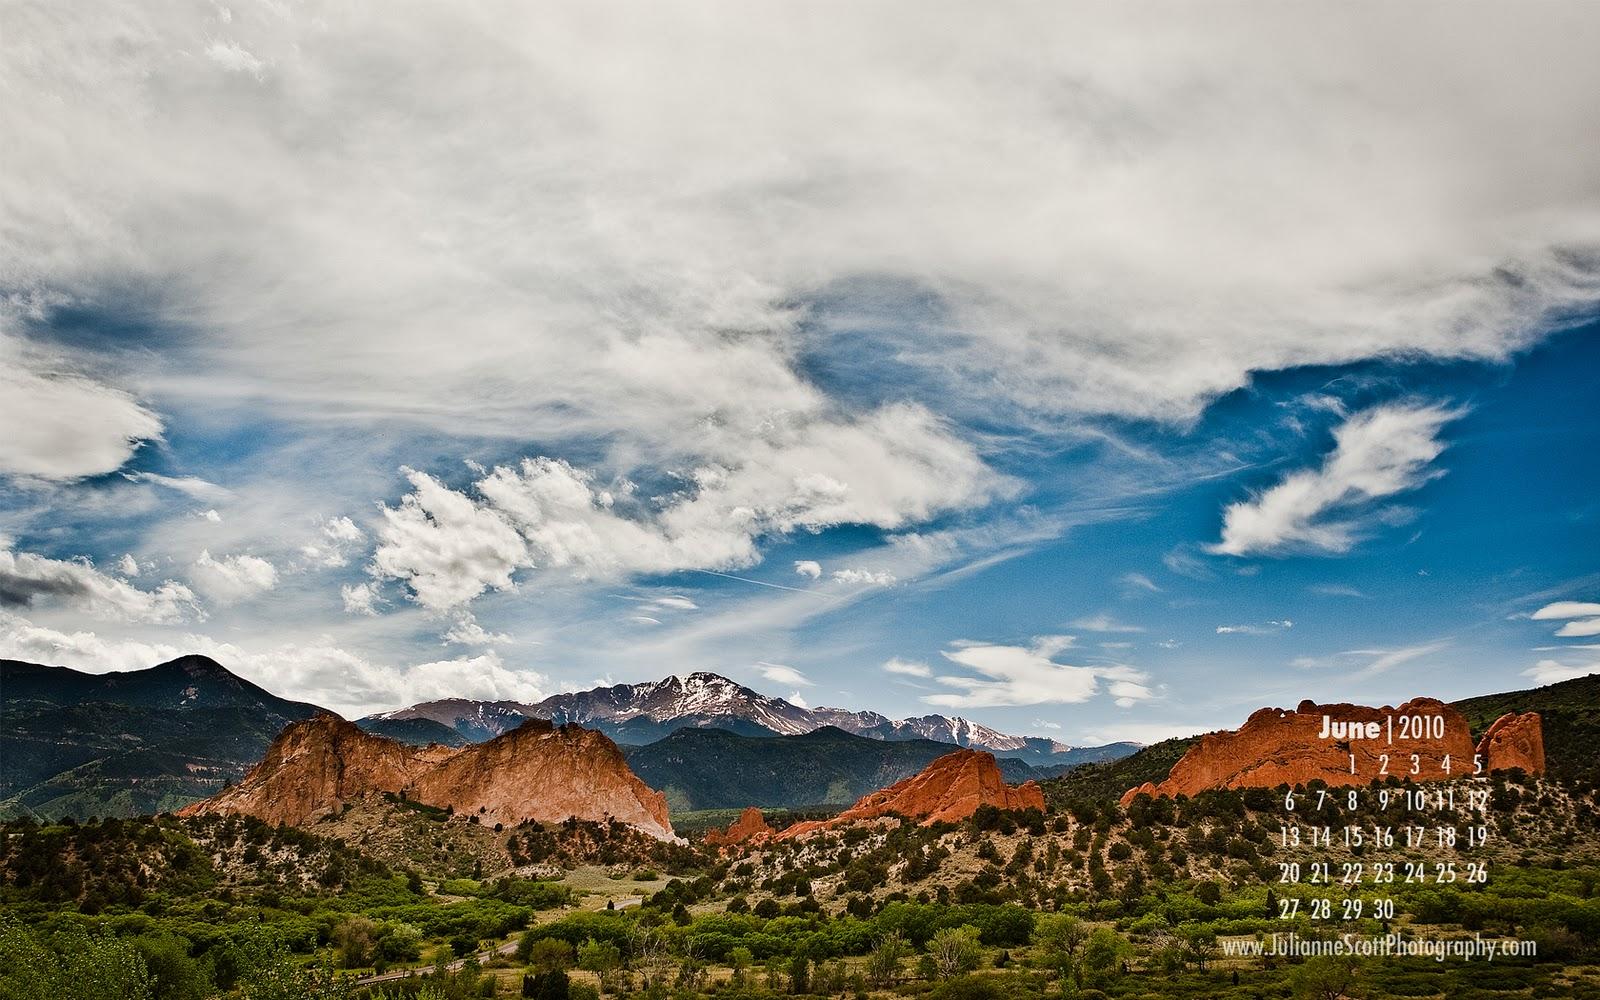 Garden Of The Gods Colorado Springs Co >> Colorado Springs Wallpaper - WallpaperSafari